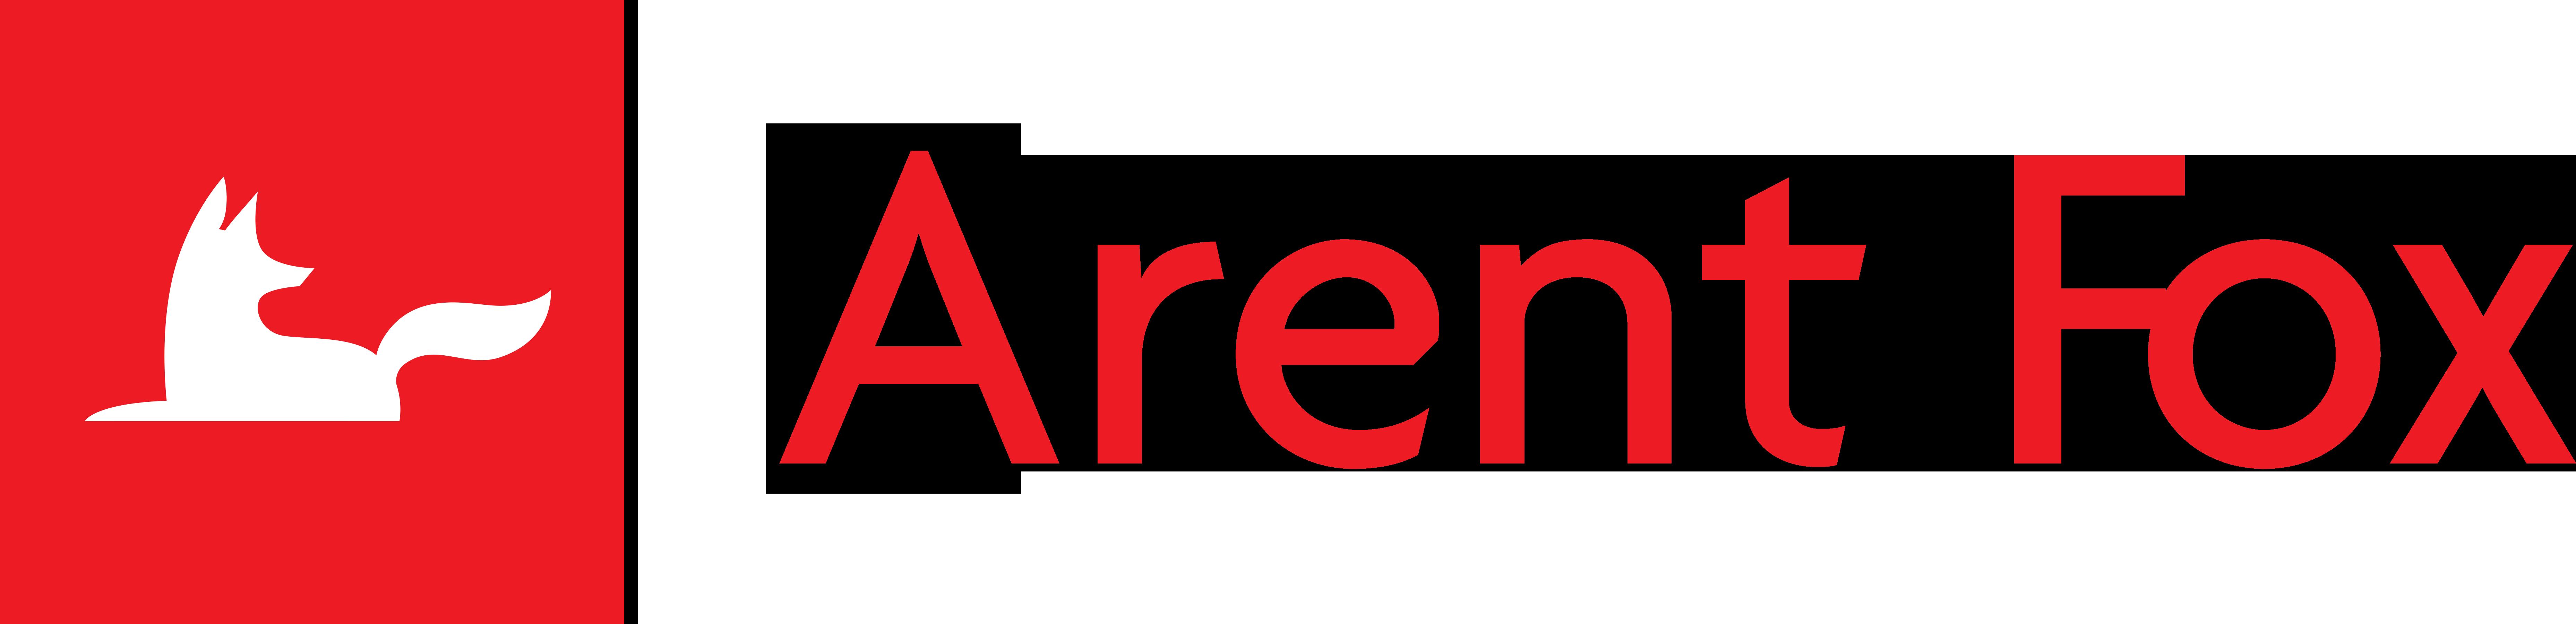 AF_Logo_Red-7428x1800